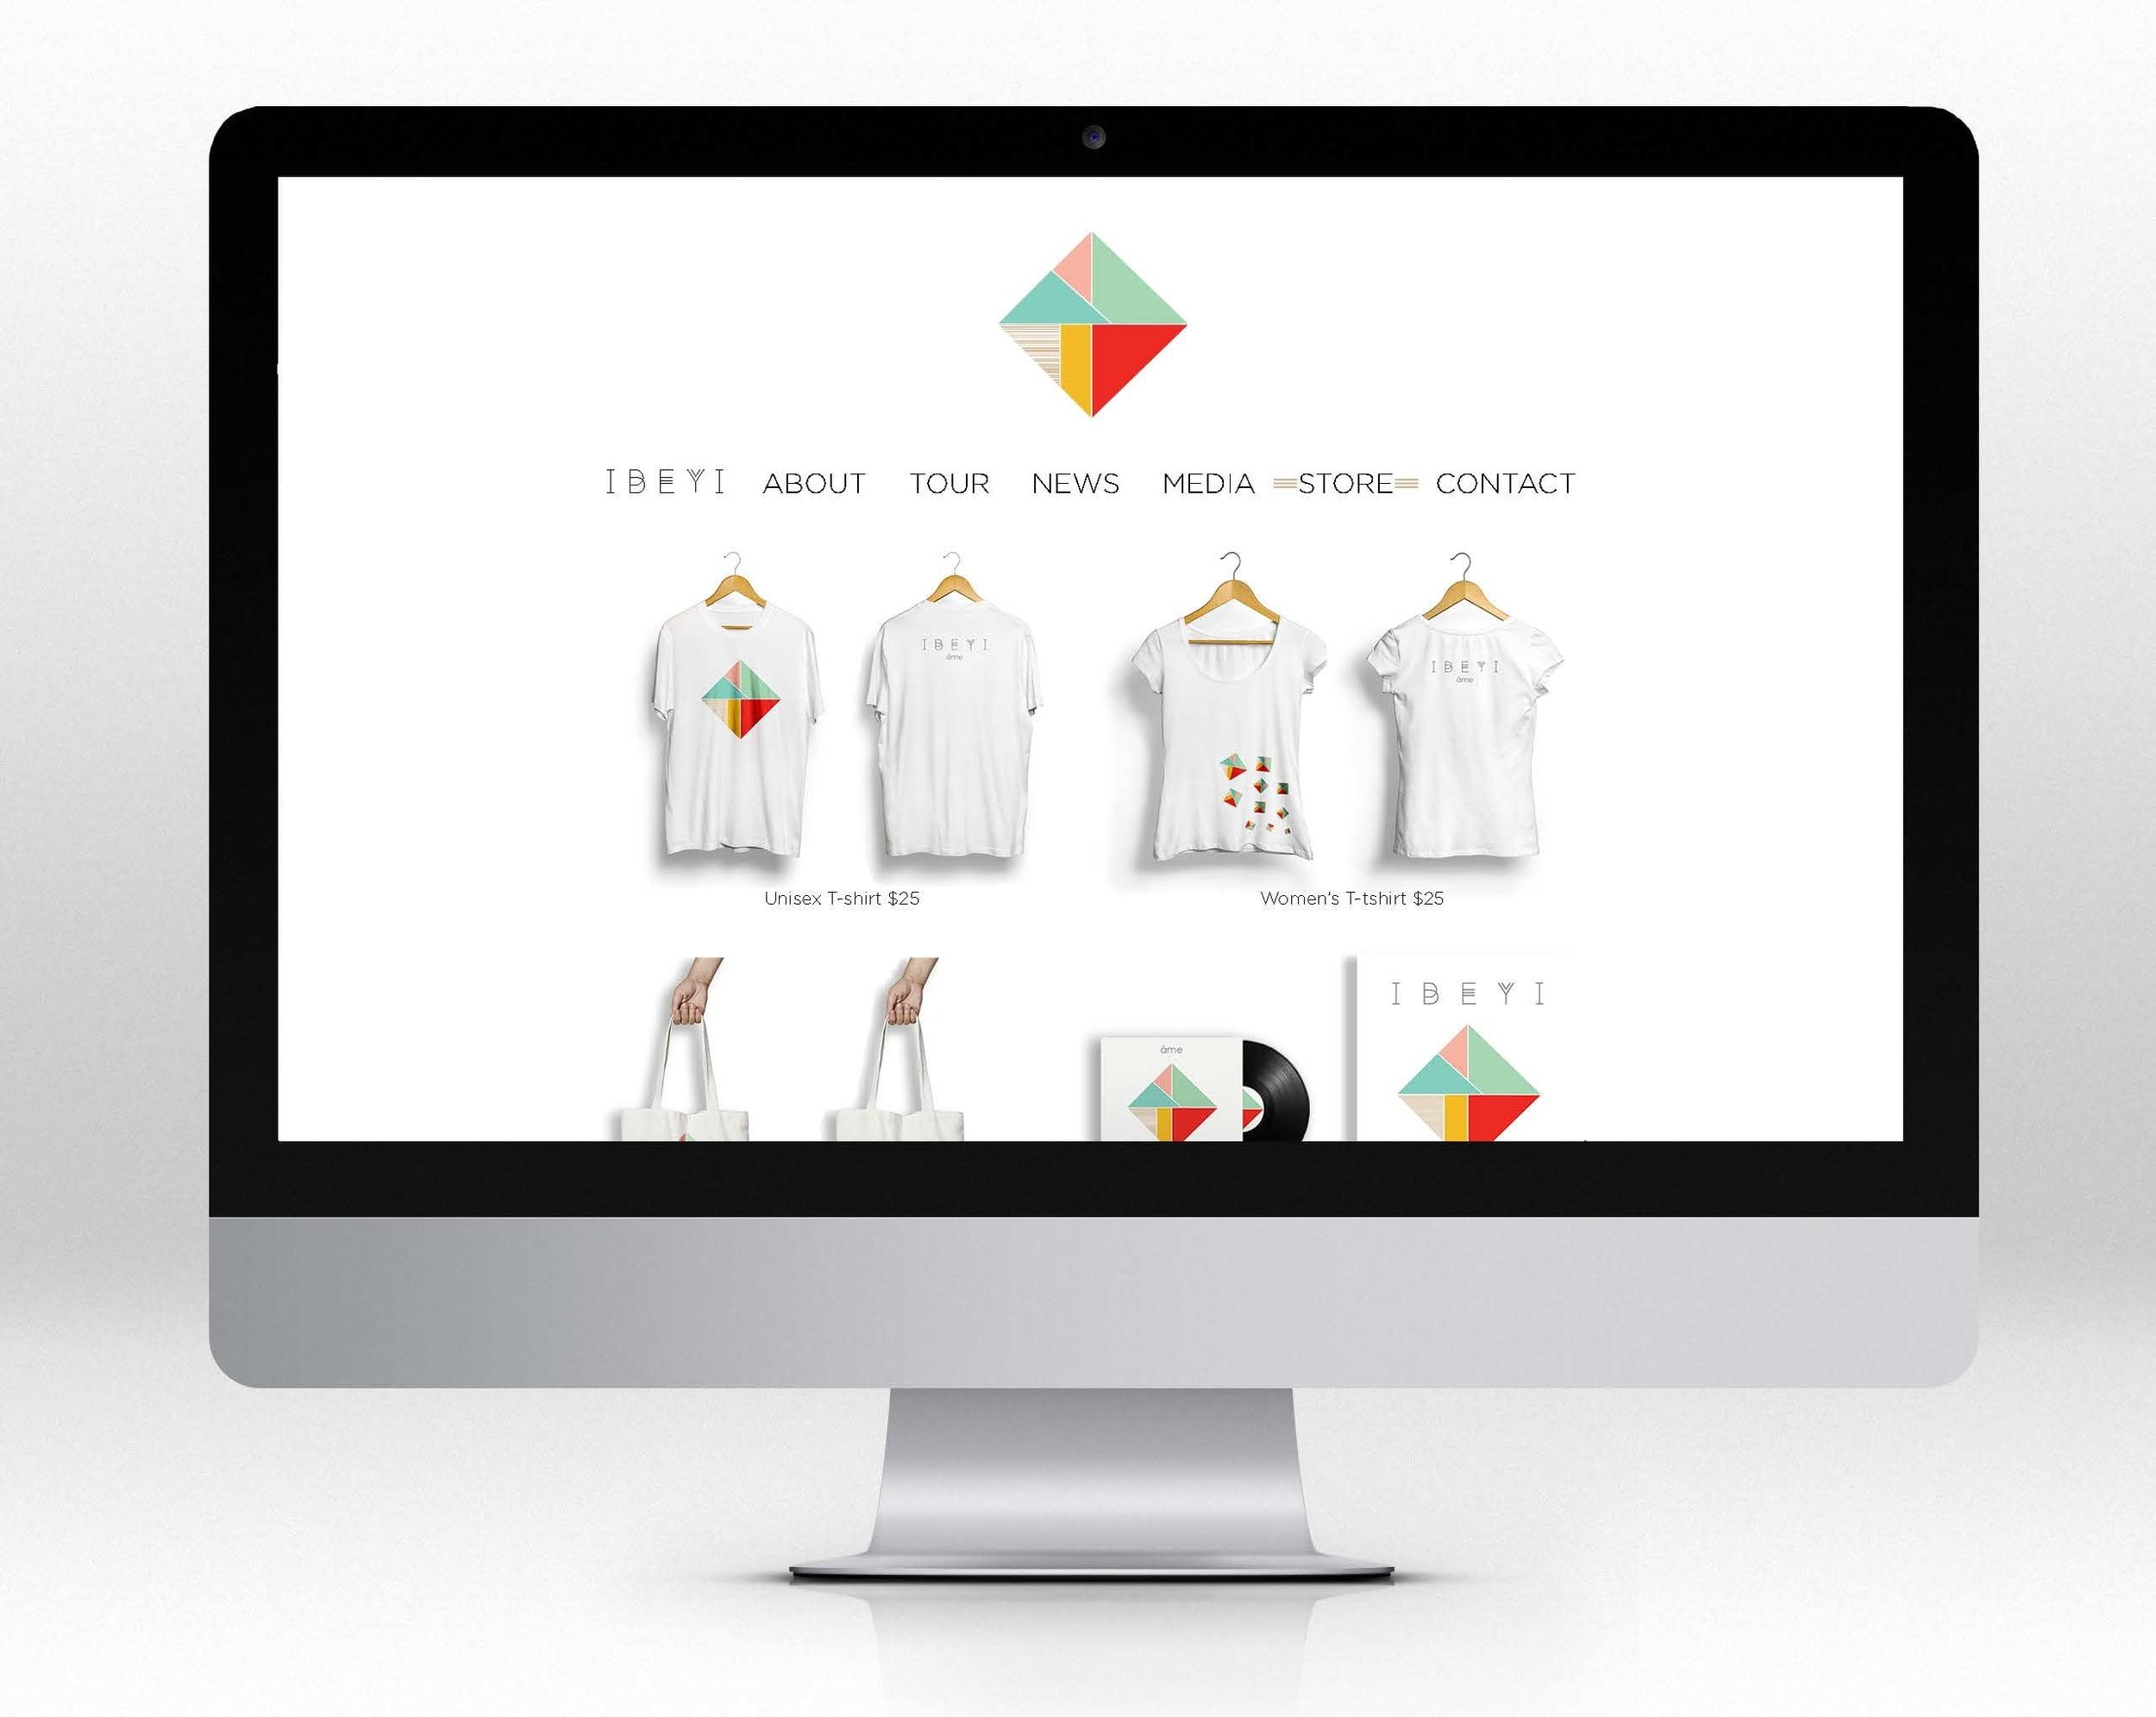 ibeyi_website_store_top.jpg